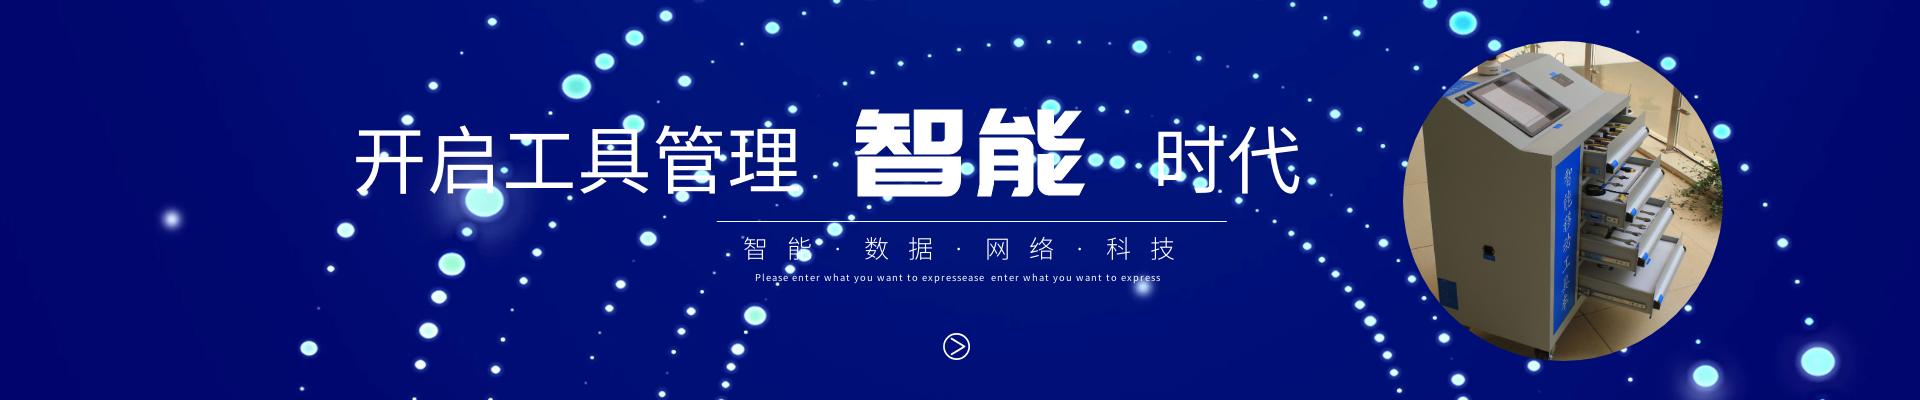 湖南润创科技有限公司--公司首页|亚博体育在线投注、办公|移动密室及影院定制服务